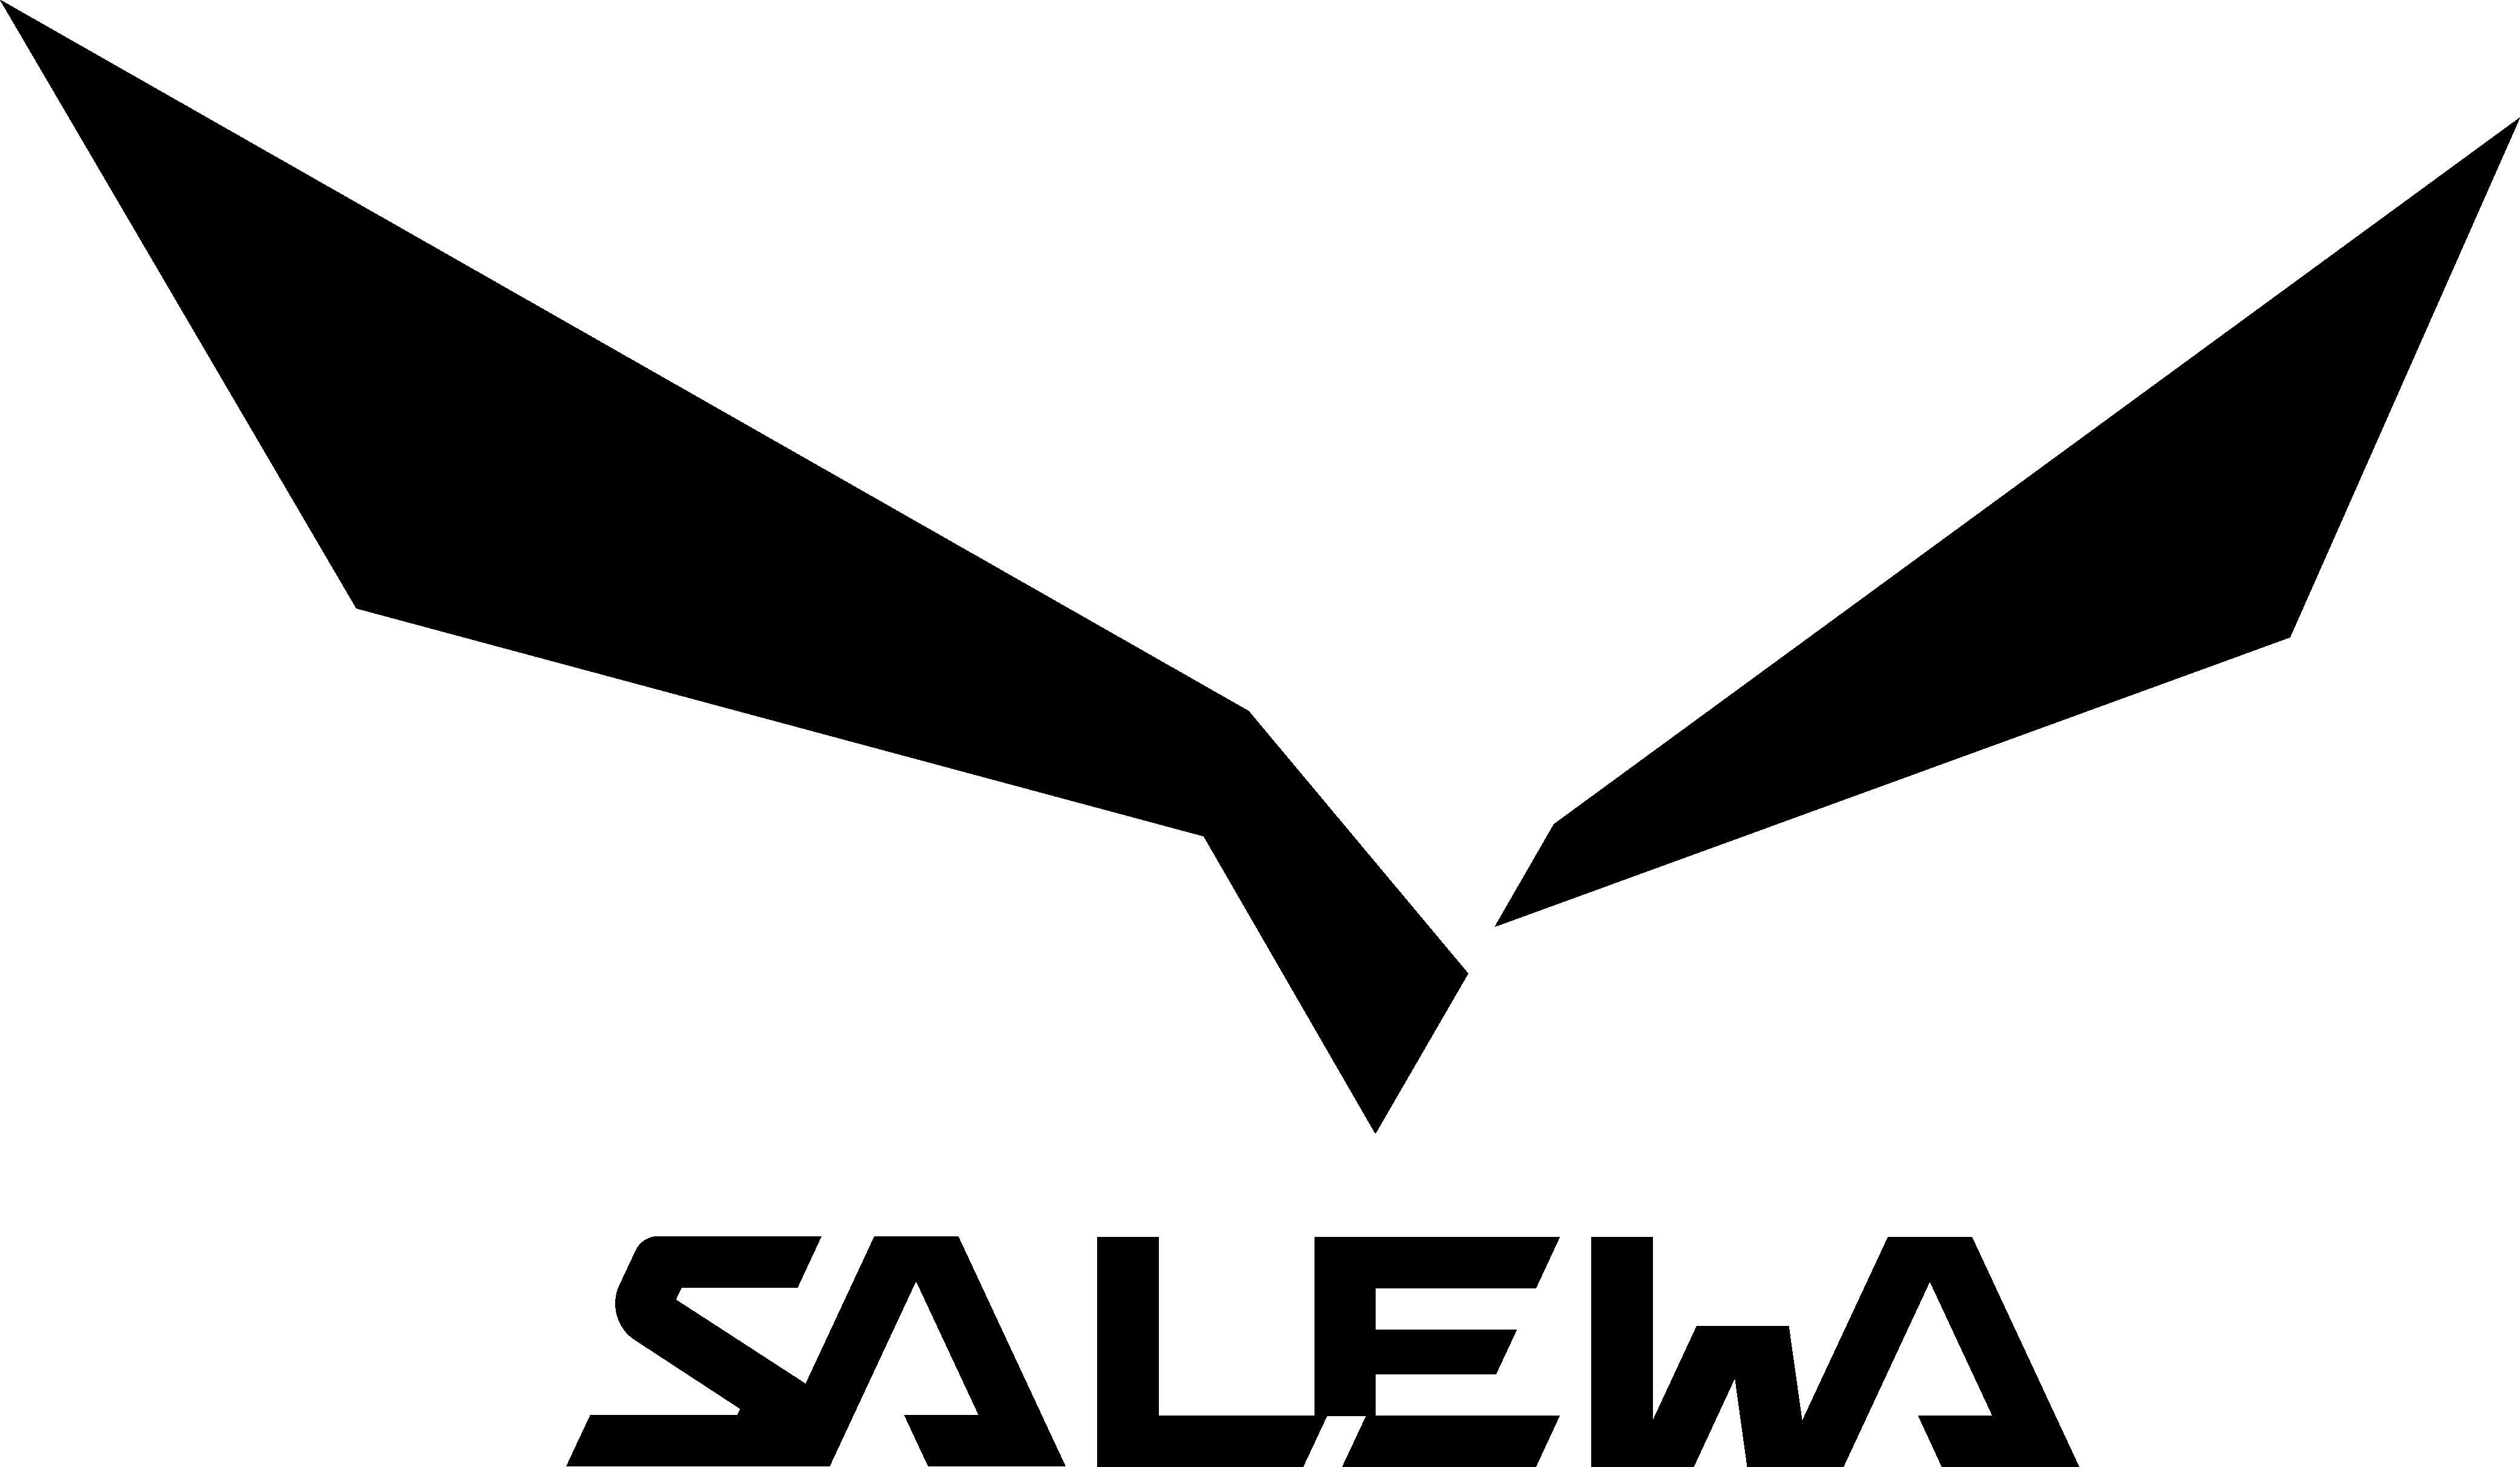 salewa-bergwerk villanders logo - Bergwerk Villanders